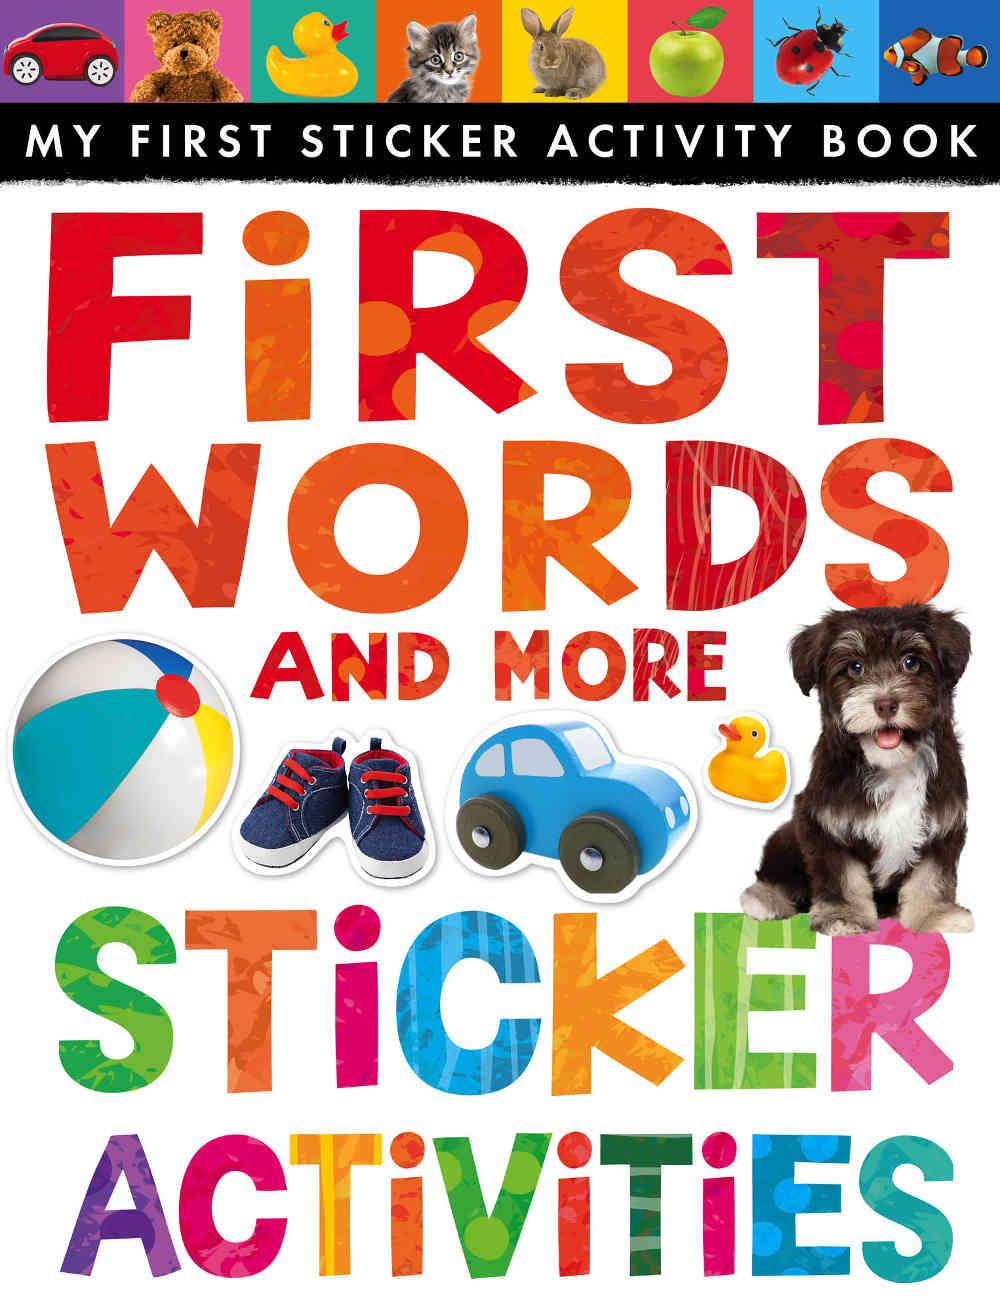 książka z naklejkami dla dzieci po angielsku